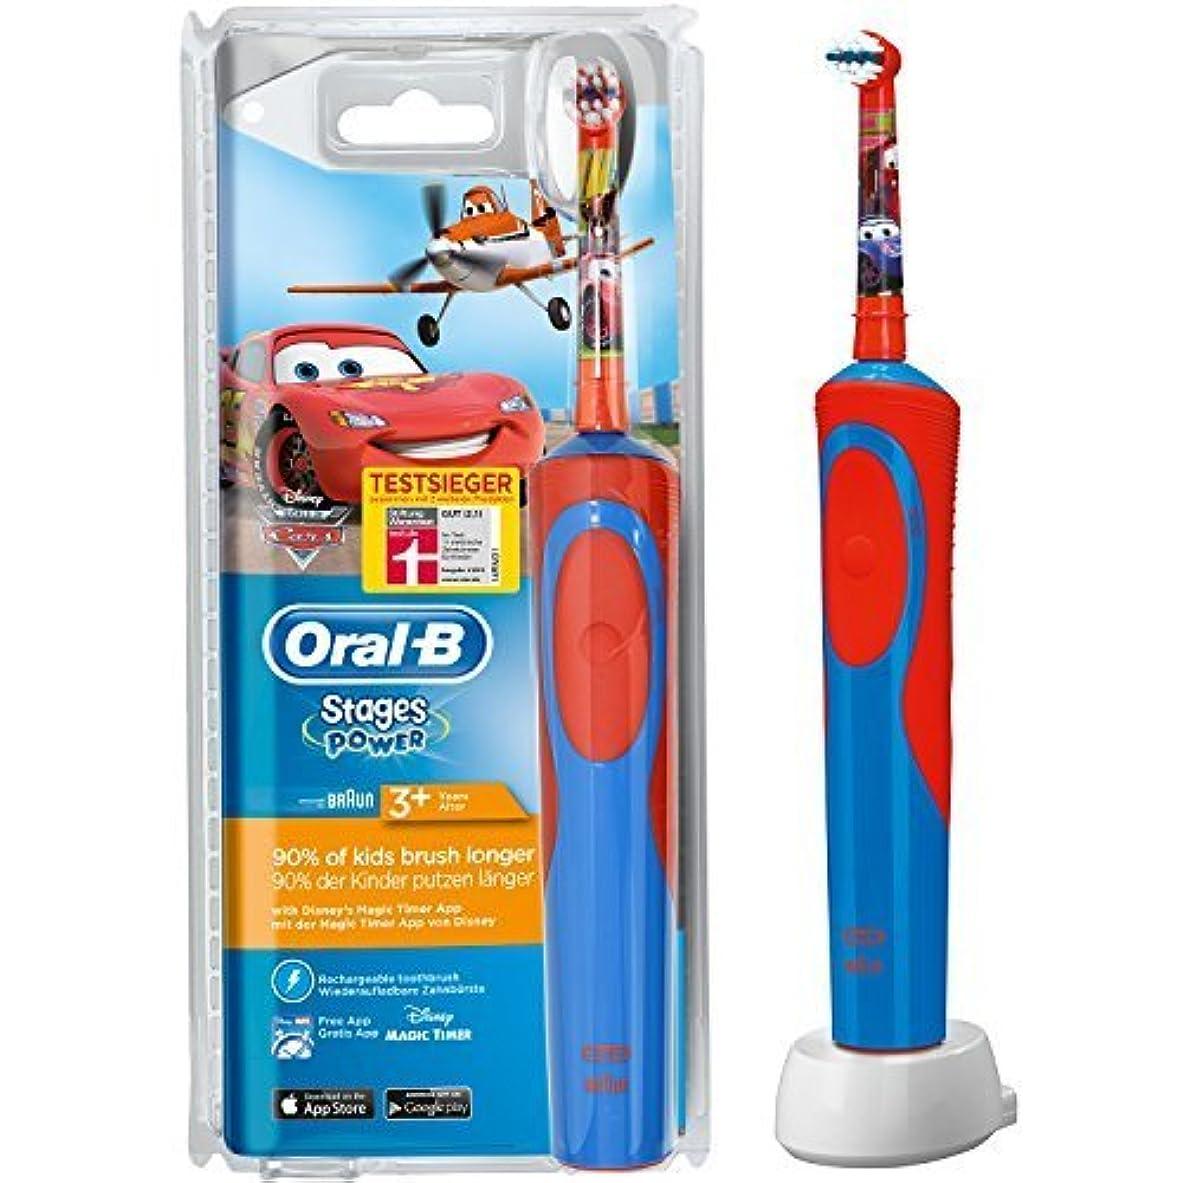 を除くこれらピアOral-B Stages Power Cars Children's Electric Toothbrush with Timer by Oral-B [並行輸入品]